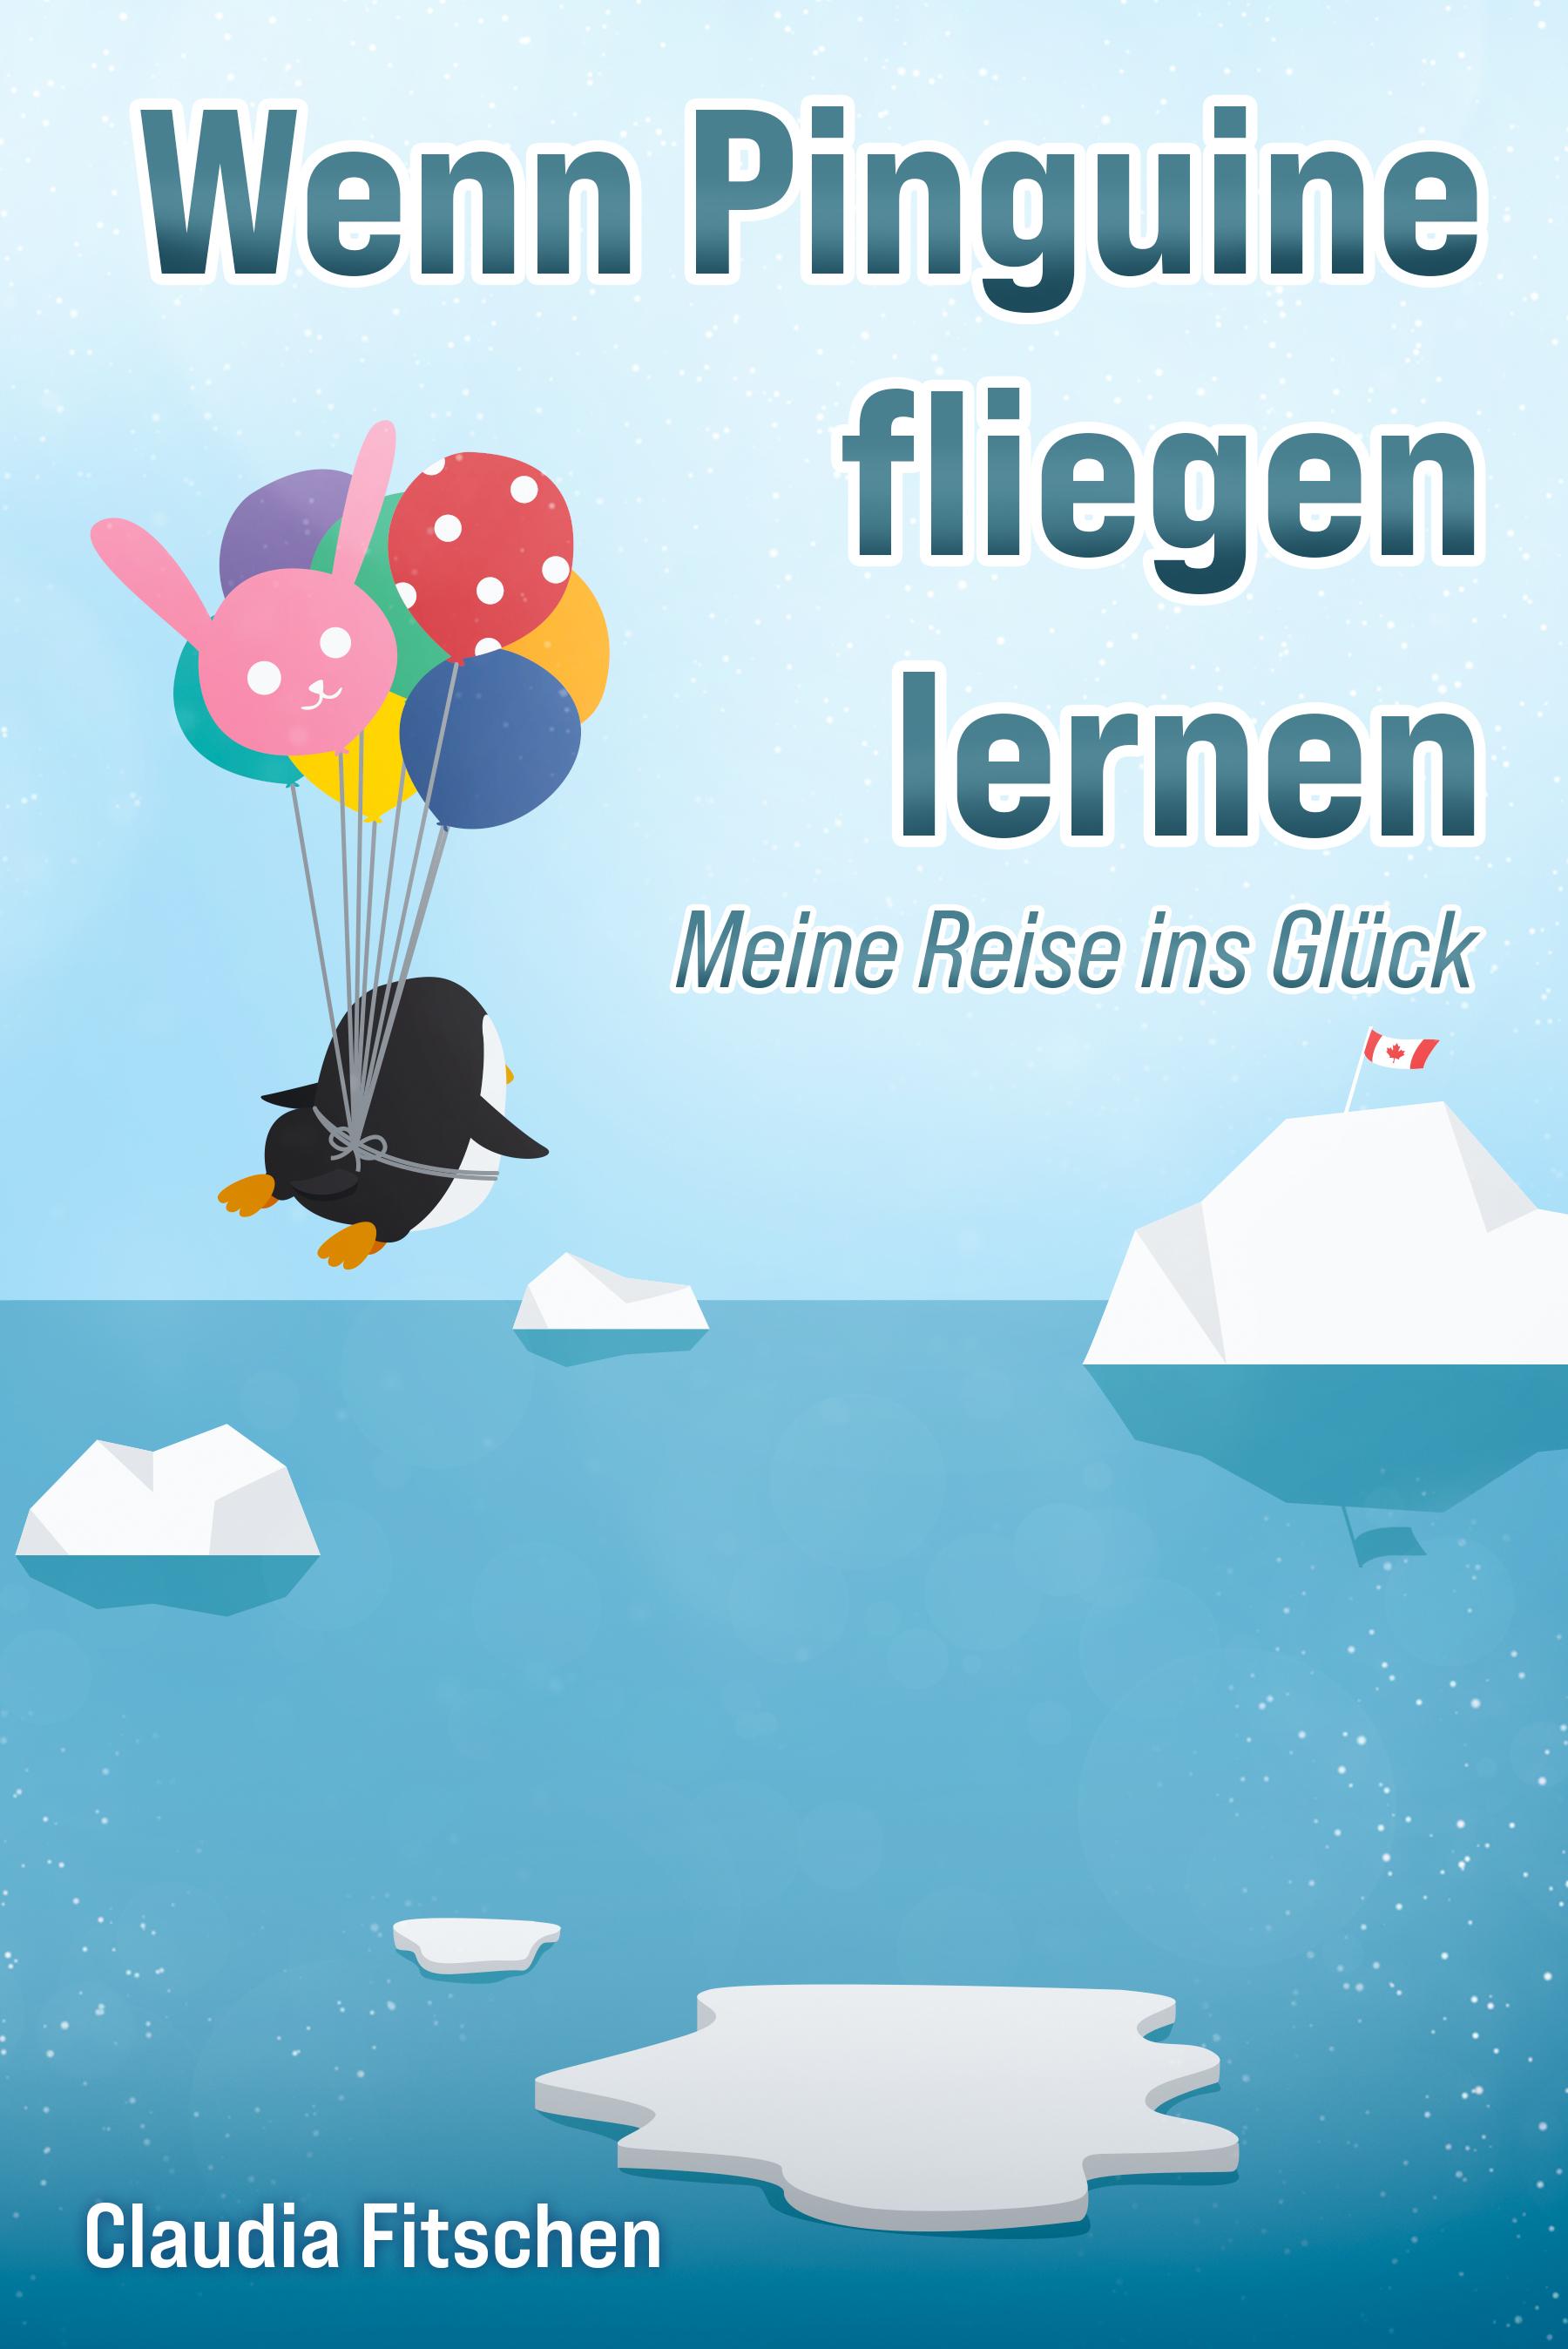 Wenn Pinguine fliegen lernen - Meine Reise ins Glück - Ebook